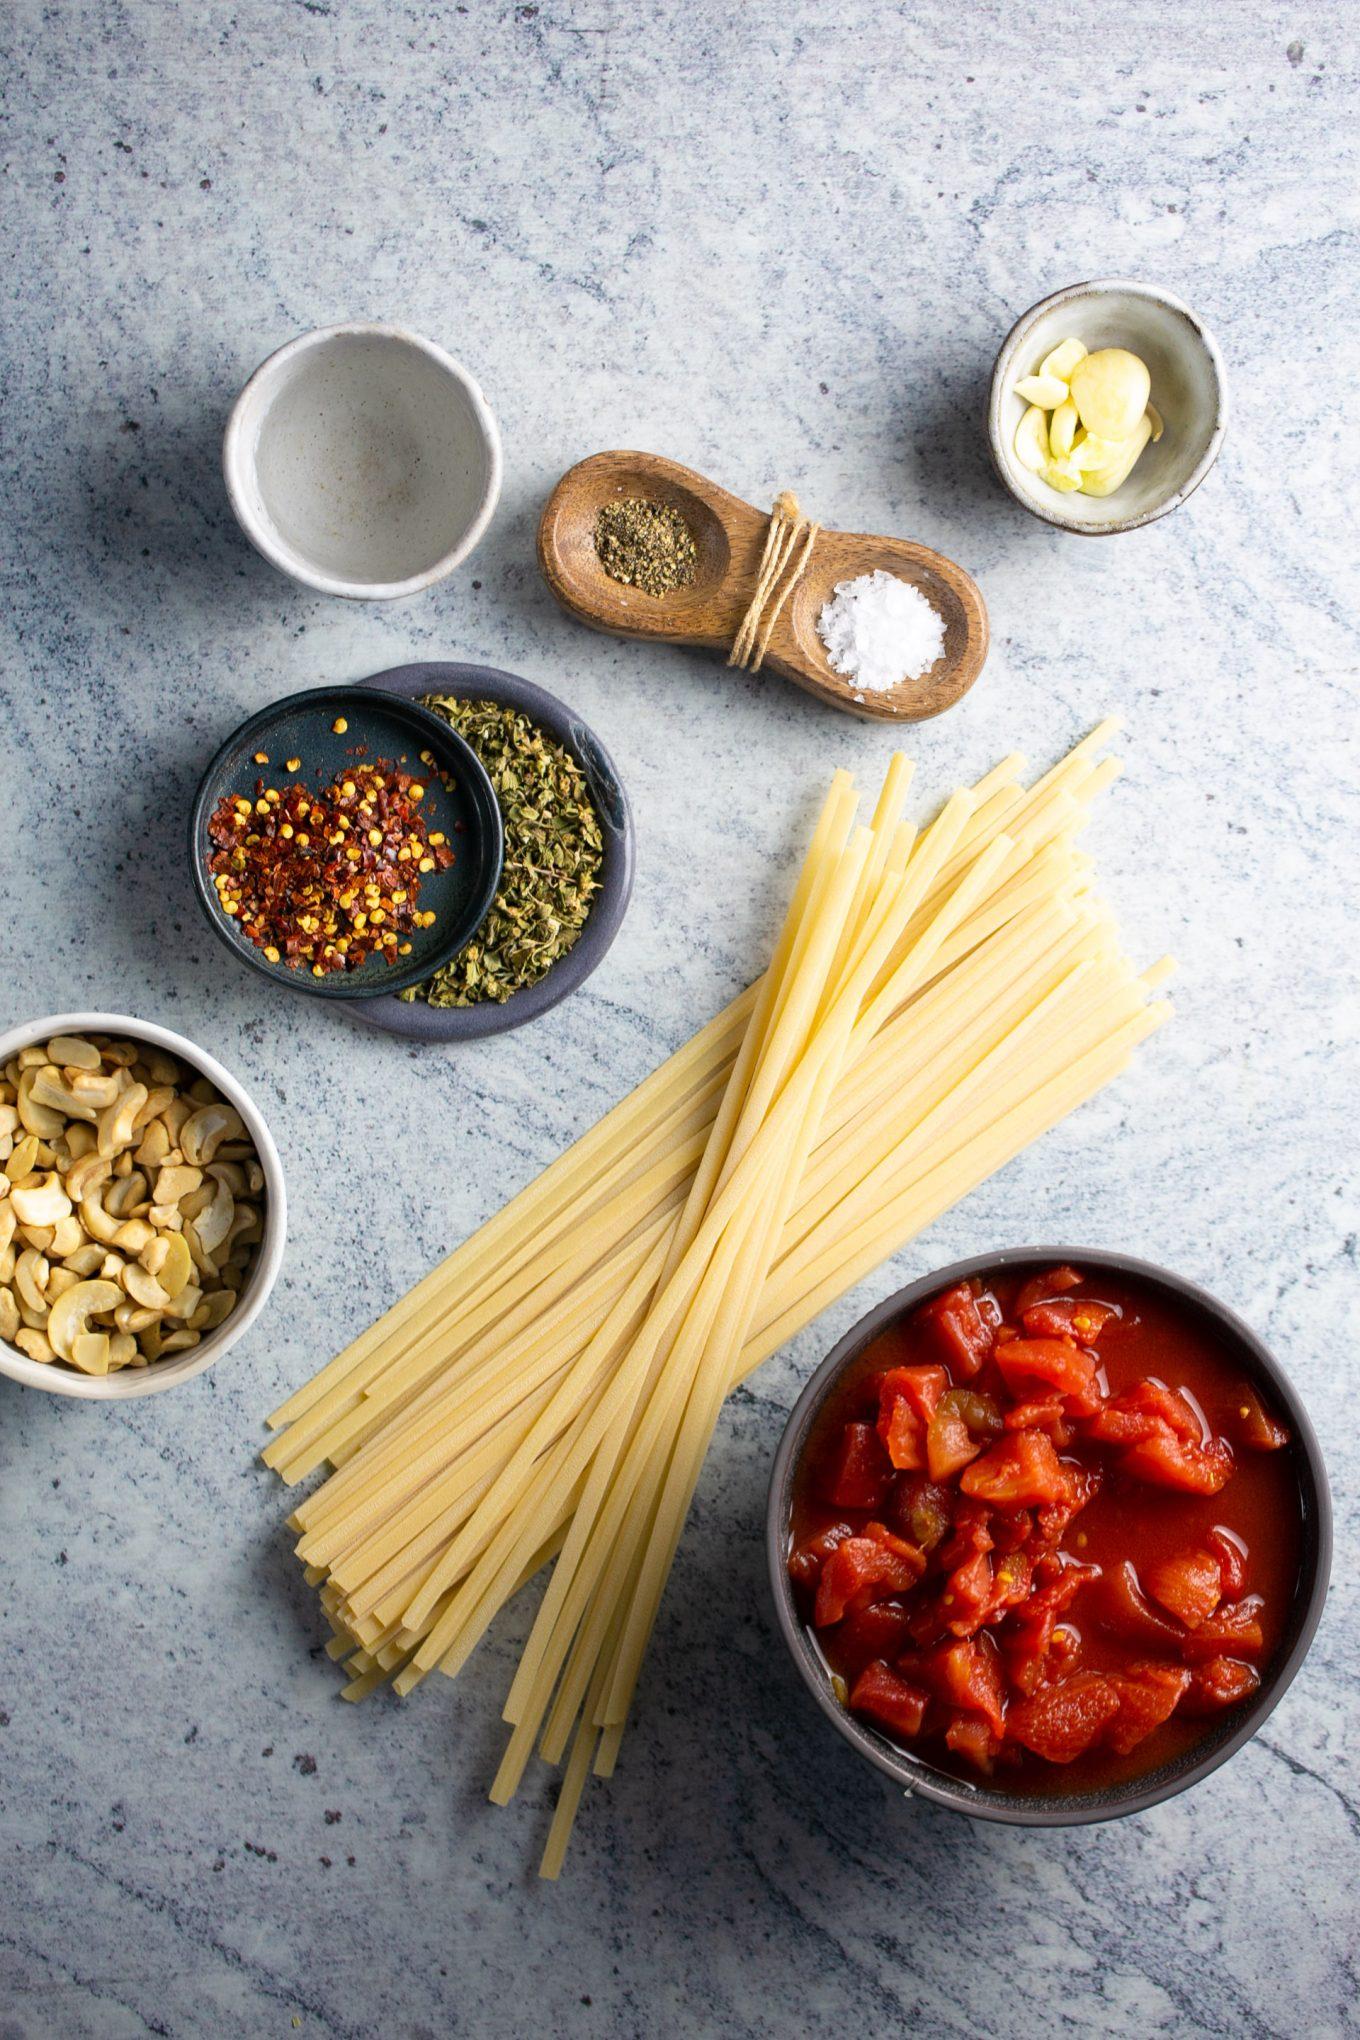 ingredientes para hacer pasta con vodka sin crema